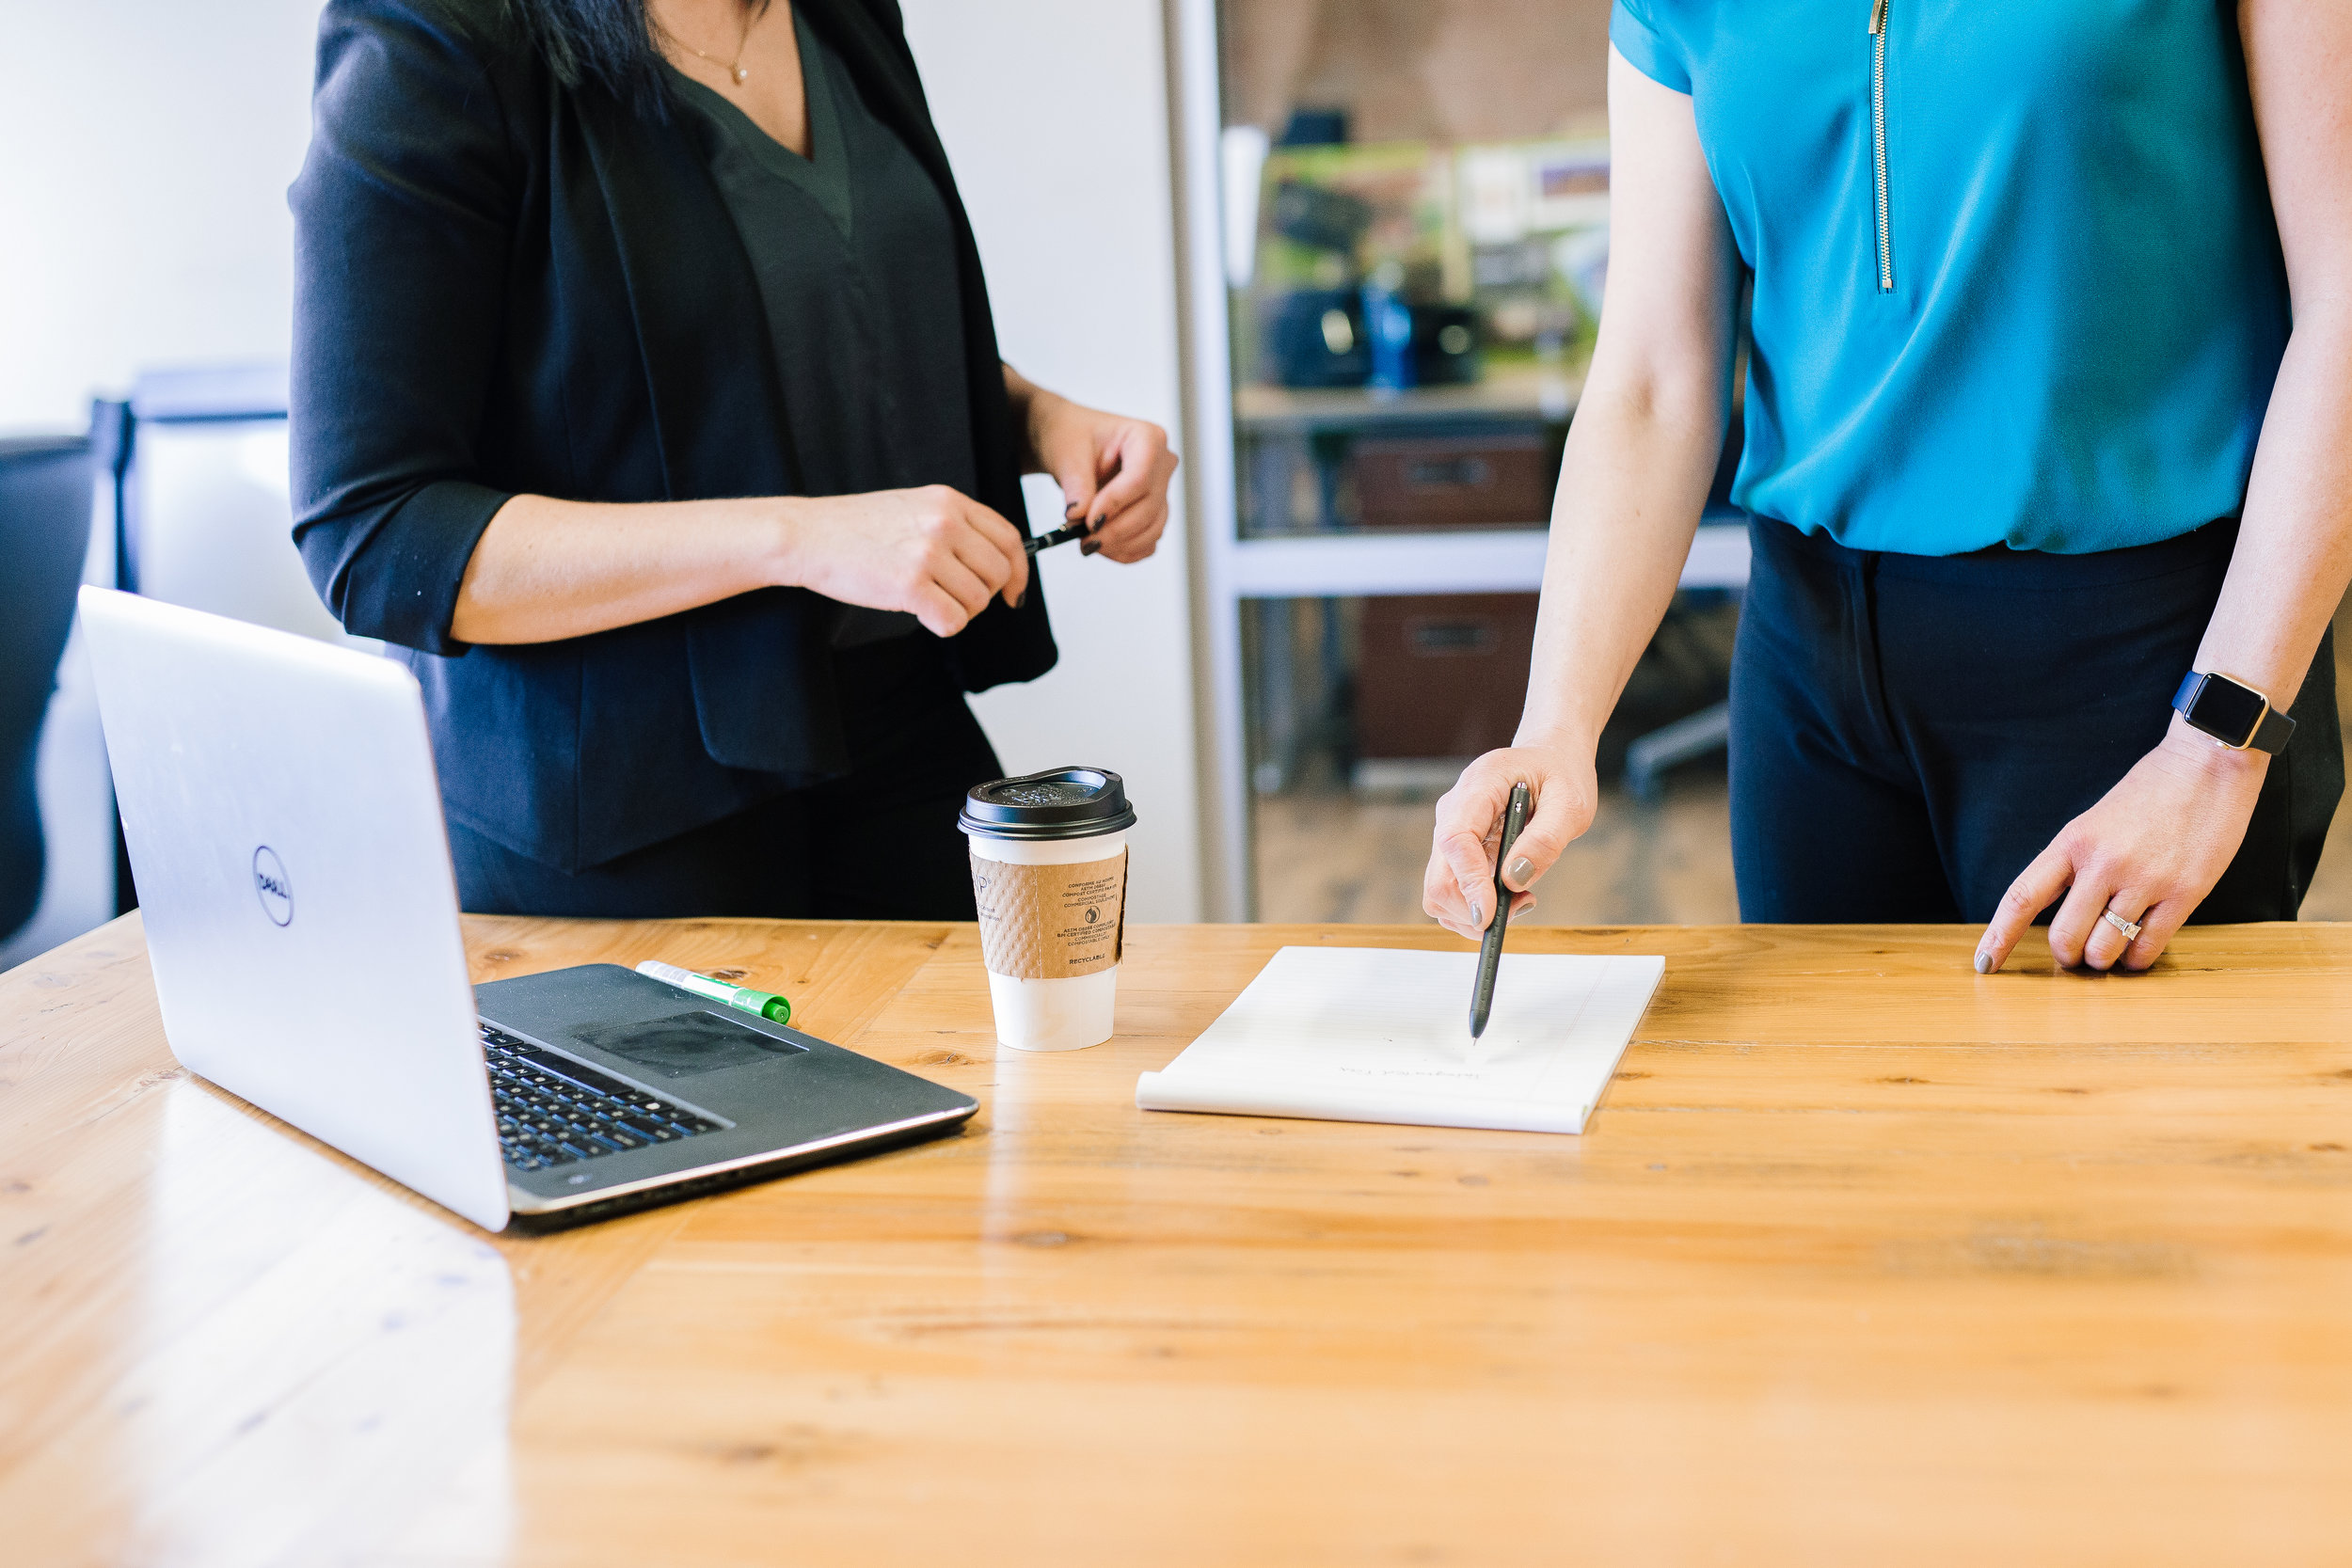 Le gustaría… - - ¿Identificar una oportunidad de negocio?- ¿Mejorar su oferta de productos o servicios?- ¿Hacer crecer su negocio?